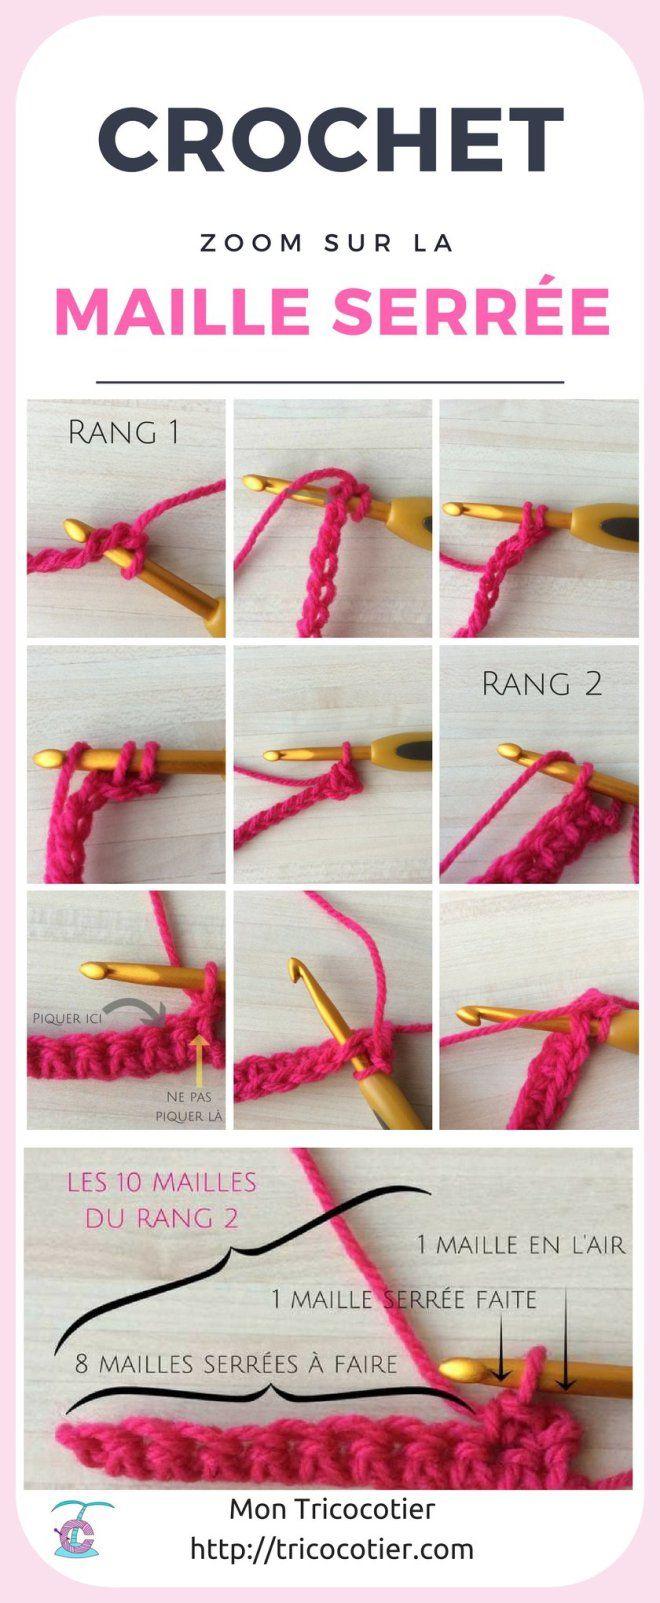 Tuto maille serrée - Gros plan sur la maille serrée avec des photos qui détaillent bien les étapes. Apprendre le crochet débutant) http://tricocotier.com